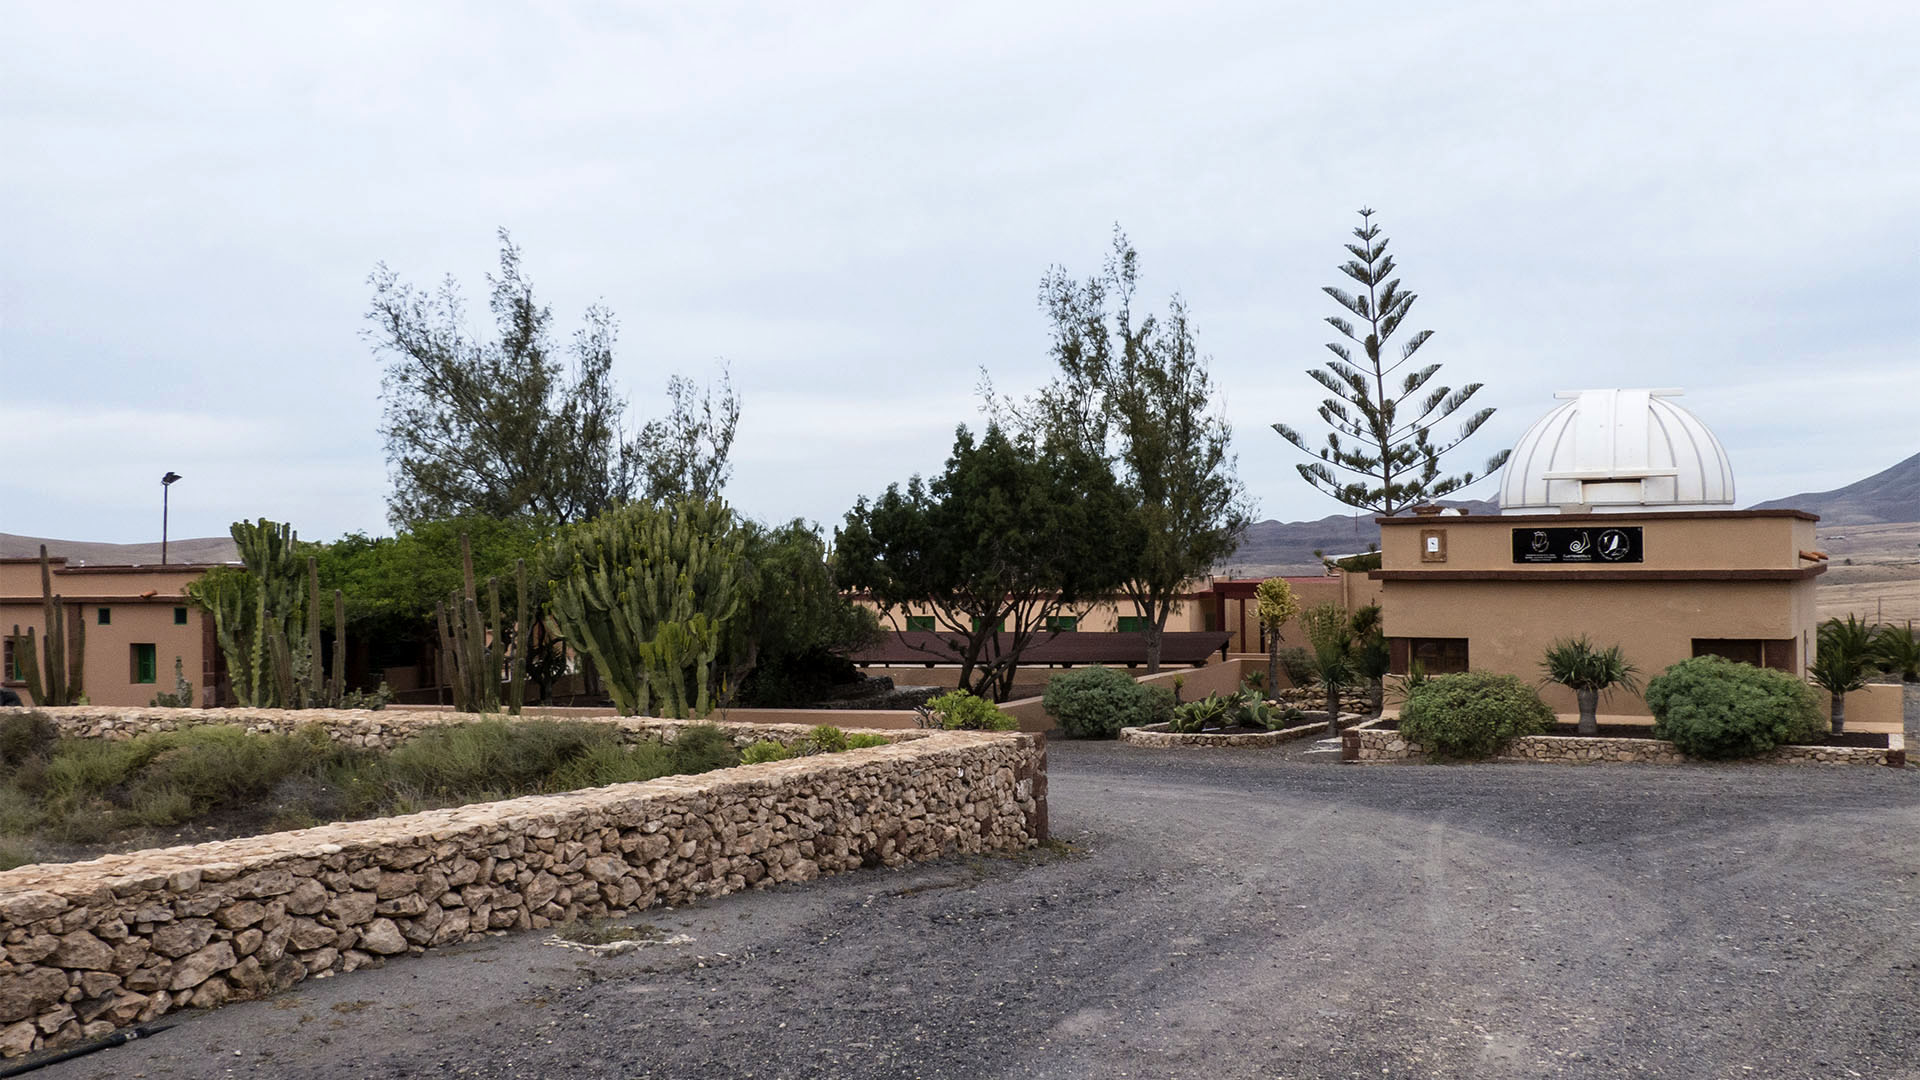 Sehenswürdigkeiten Fuerteventuras: Tefía – Observatorium und Franco Barracken